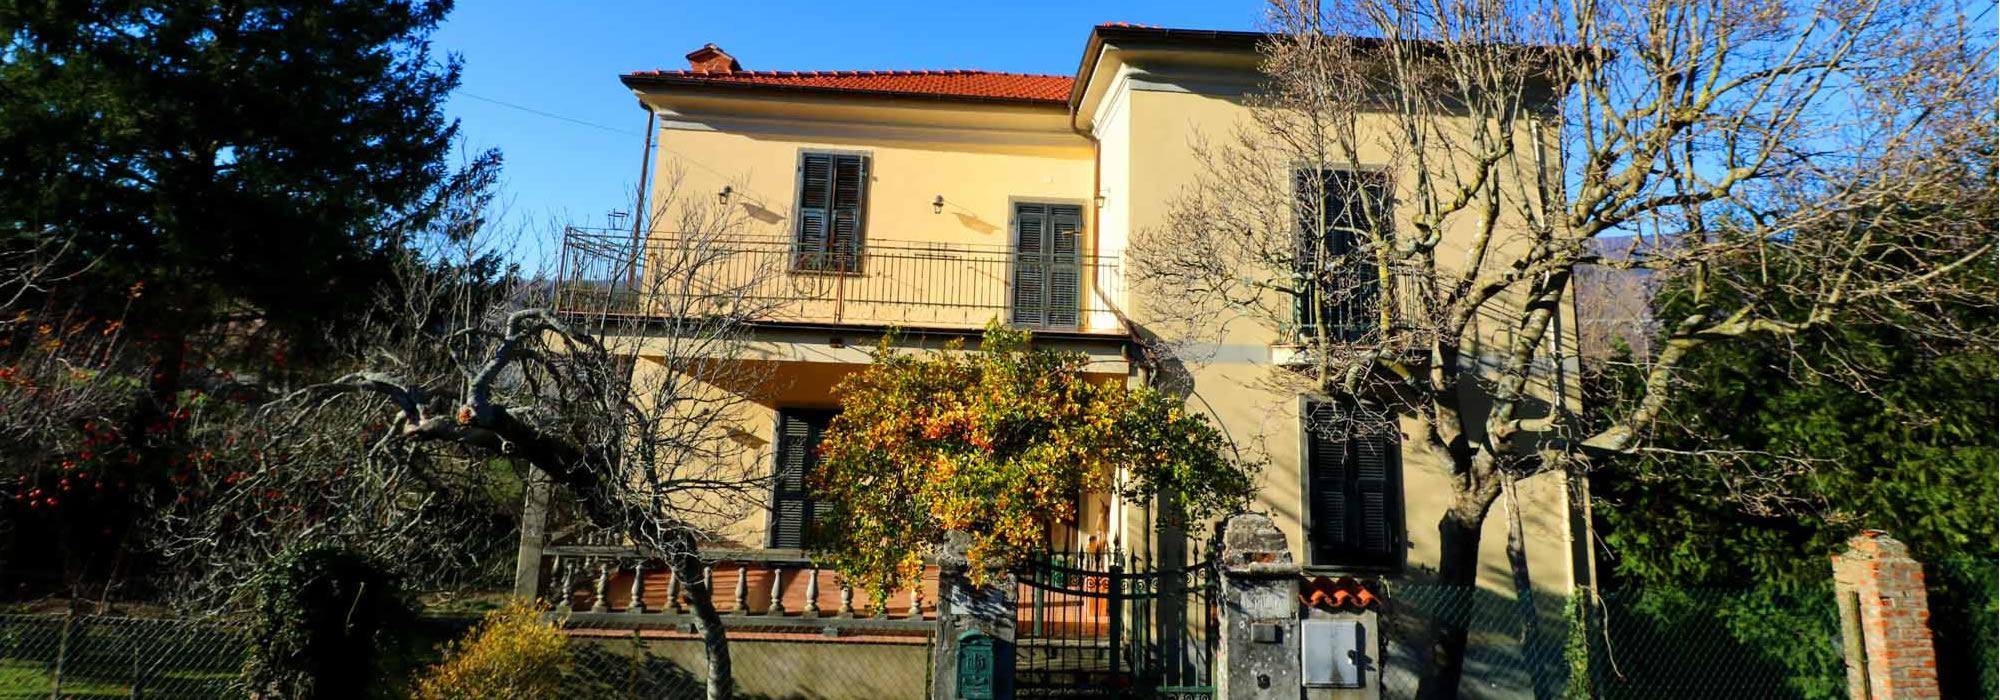 VILLA EMILIA – Villa Liberty Con Giardino